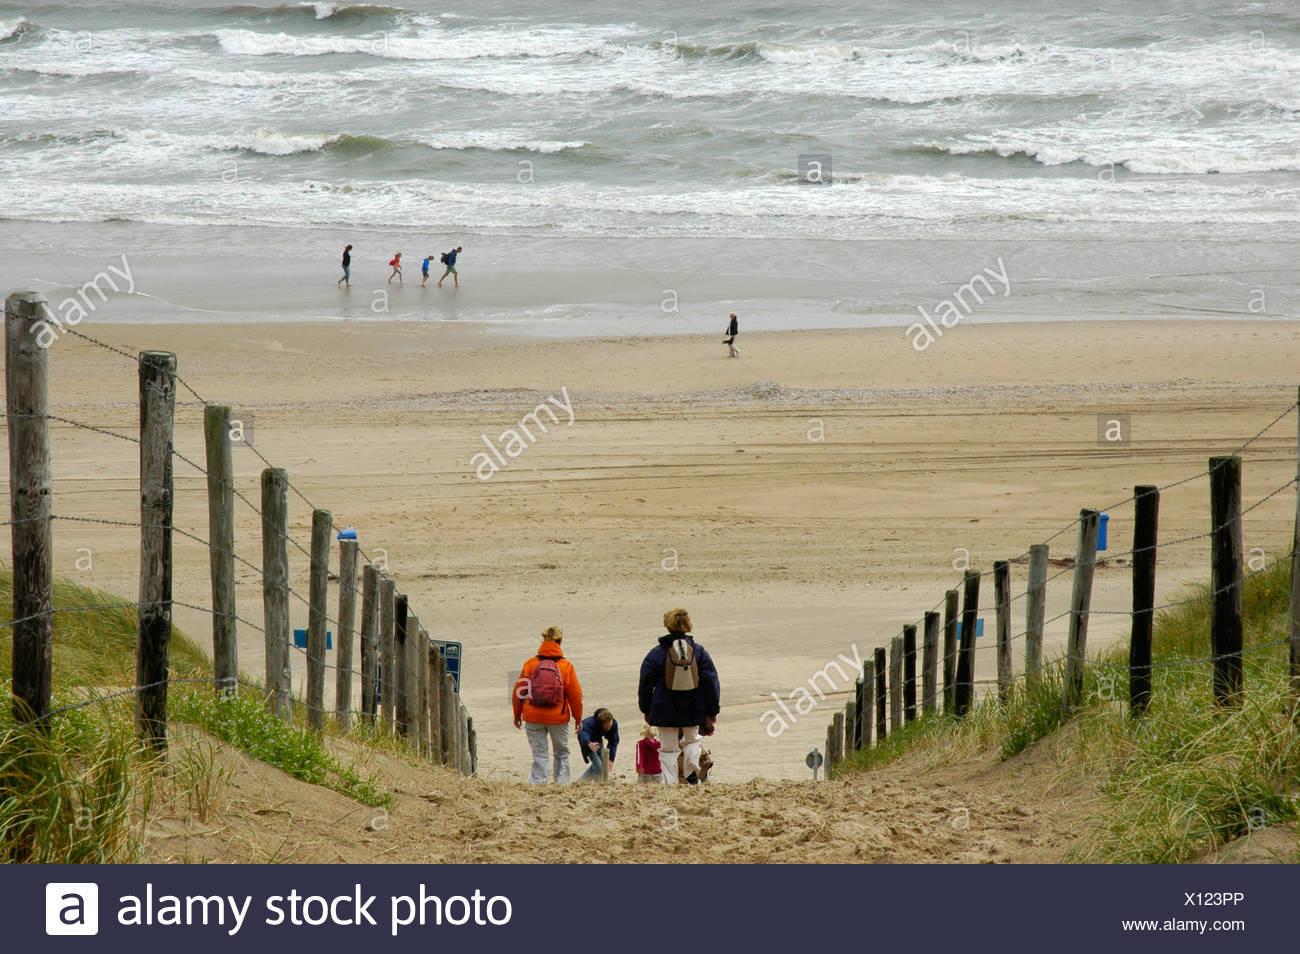 Famille avec enfants est de marcher à travers les dunes de la plage, Katwijk aan Zee, Pays-Bas du Sud, Hollande, Pays-Bas Banque D'Images